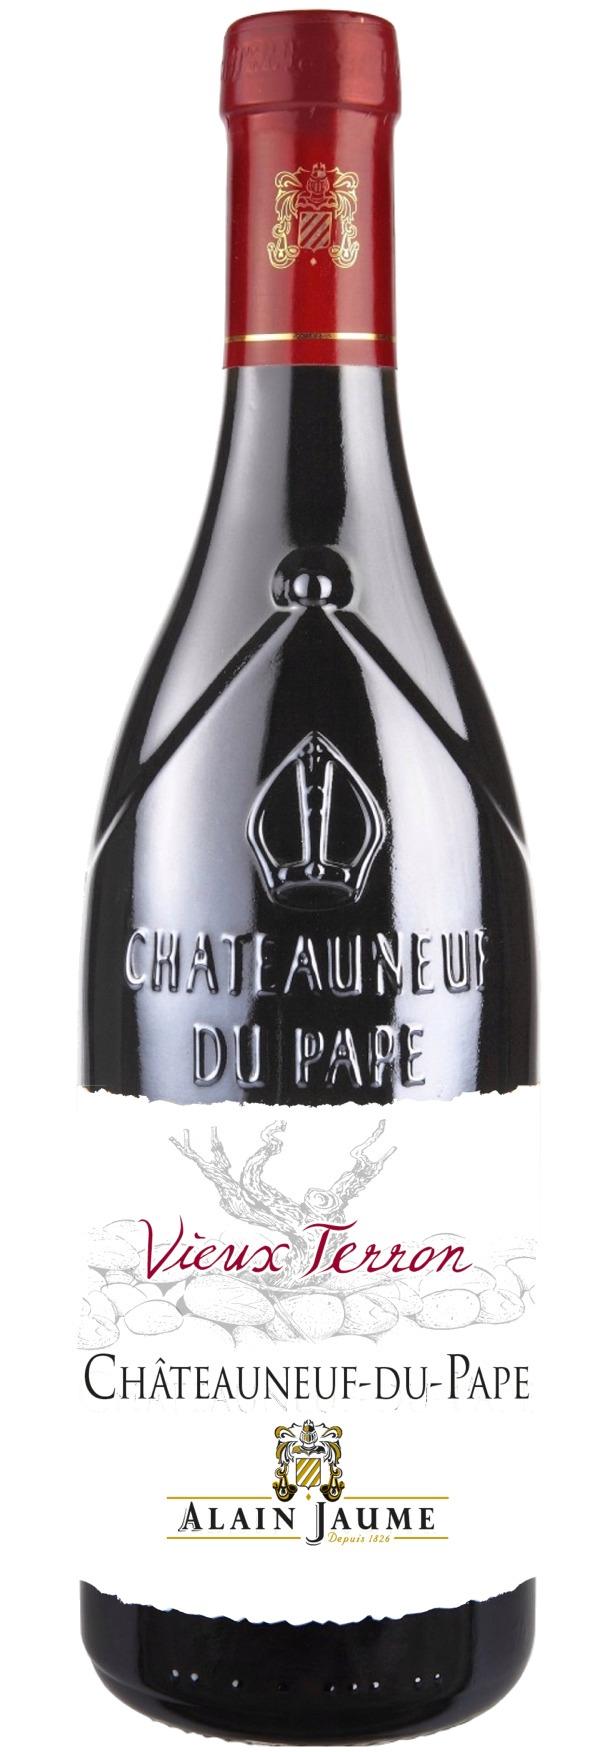 """Châteauneuf-du-Pape Domaine Grand Veneur """"Vieux Terron"""" 2017, Alain Jaume, 0,75l"""